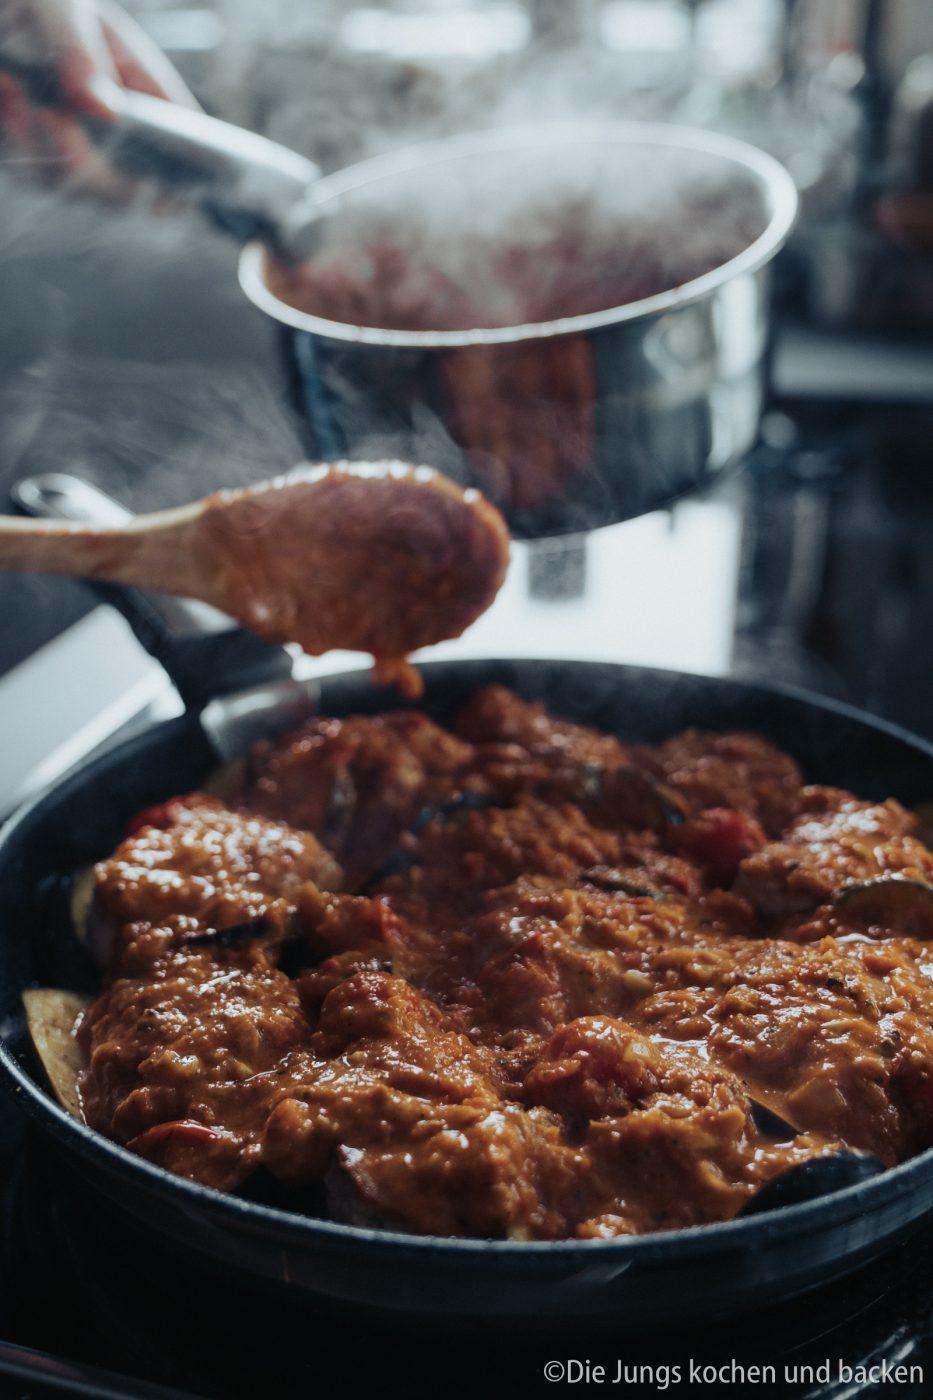 Tefal Schweinefilet italienisch 10 | Wir hatten schon ewig nichts Überbackenes mehr für euch hier und auch bei uns auf dem Tisch. Zu einem gemütlichen Spielenachmittag mit Freunden hatten wir aber richtig Lust auf ein leckeres Gericht, das mit Käse überbacken wird. Es sollte praktisch sein, gut vorzubereiten und nicht so ganz aufwändig. All das sind unsere überbackenen Schweinemedaillons mit Aubergine. Ein guter Grund dafür - es kommt in eine Pfanne, die Pfanne in den Ofen und dann auch auf den Tisch! Was ist das also für eine neue Pfanne??